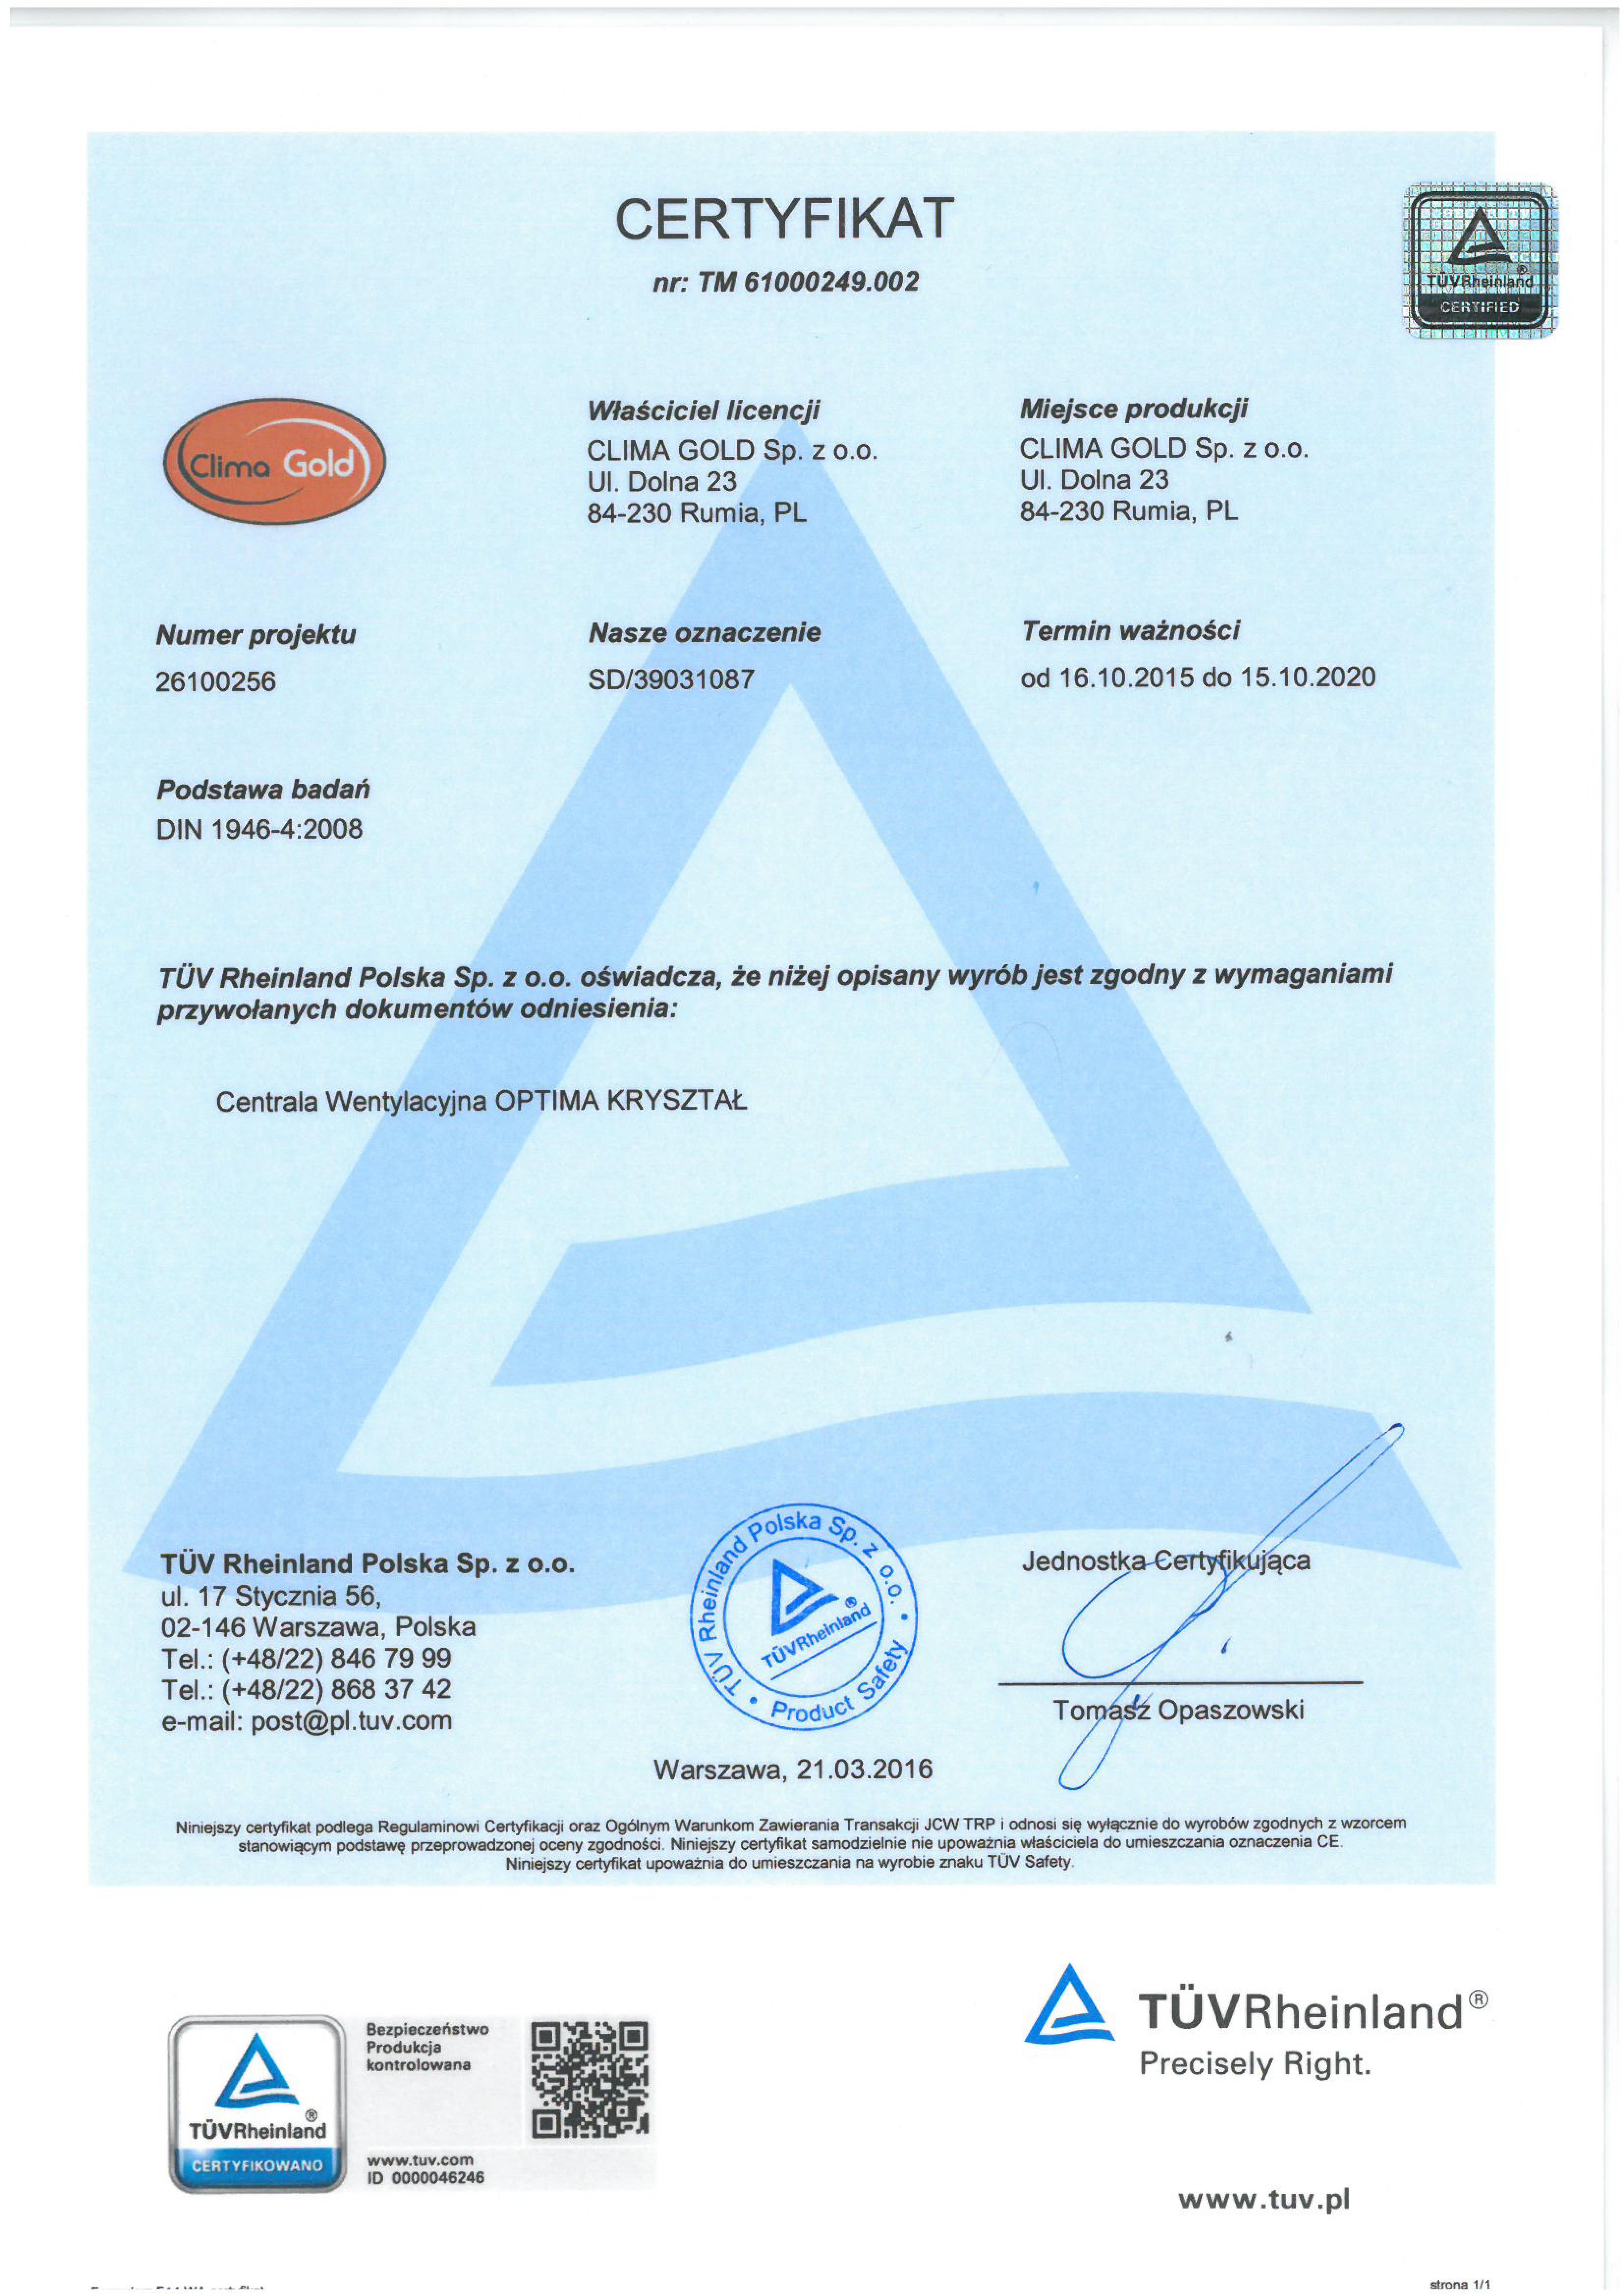 TÜV Rheinland – inspekcja miejsca produkcji